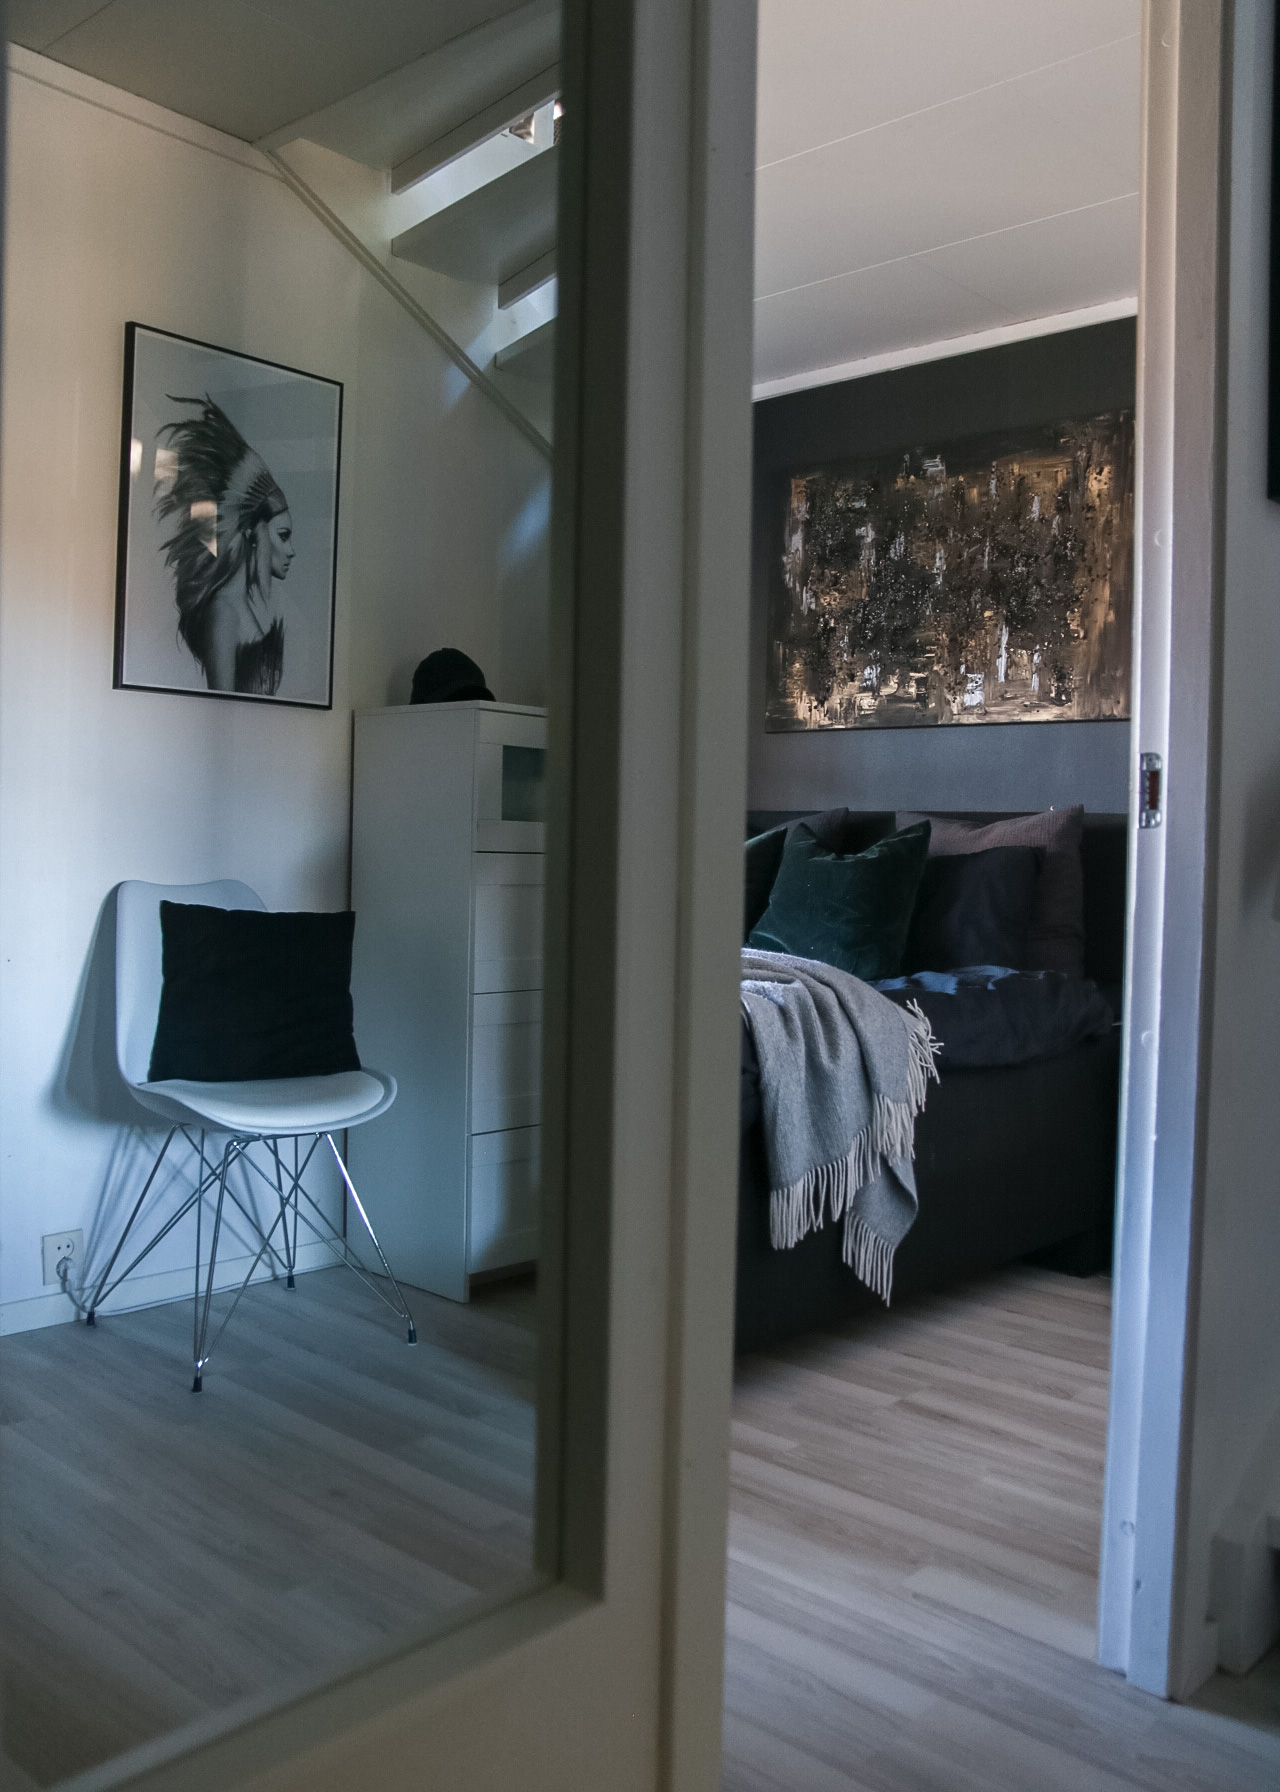 en titt på soverommet - hvitelinjer